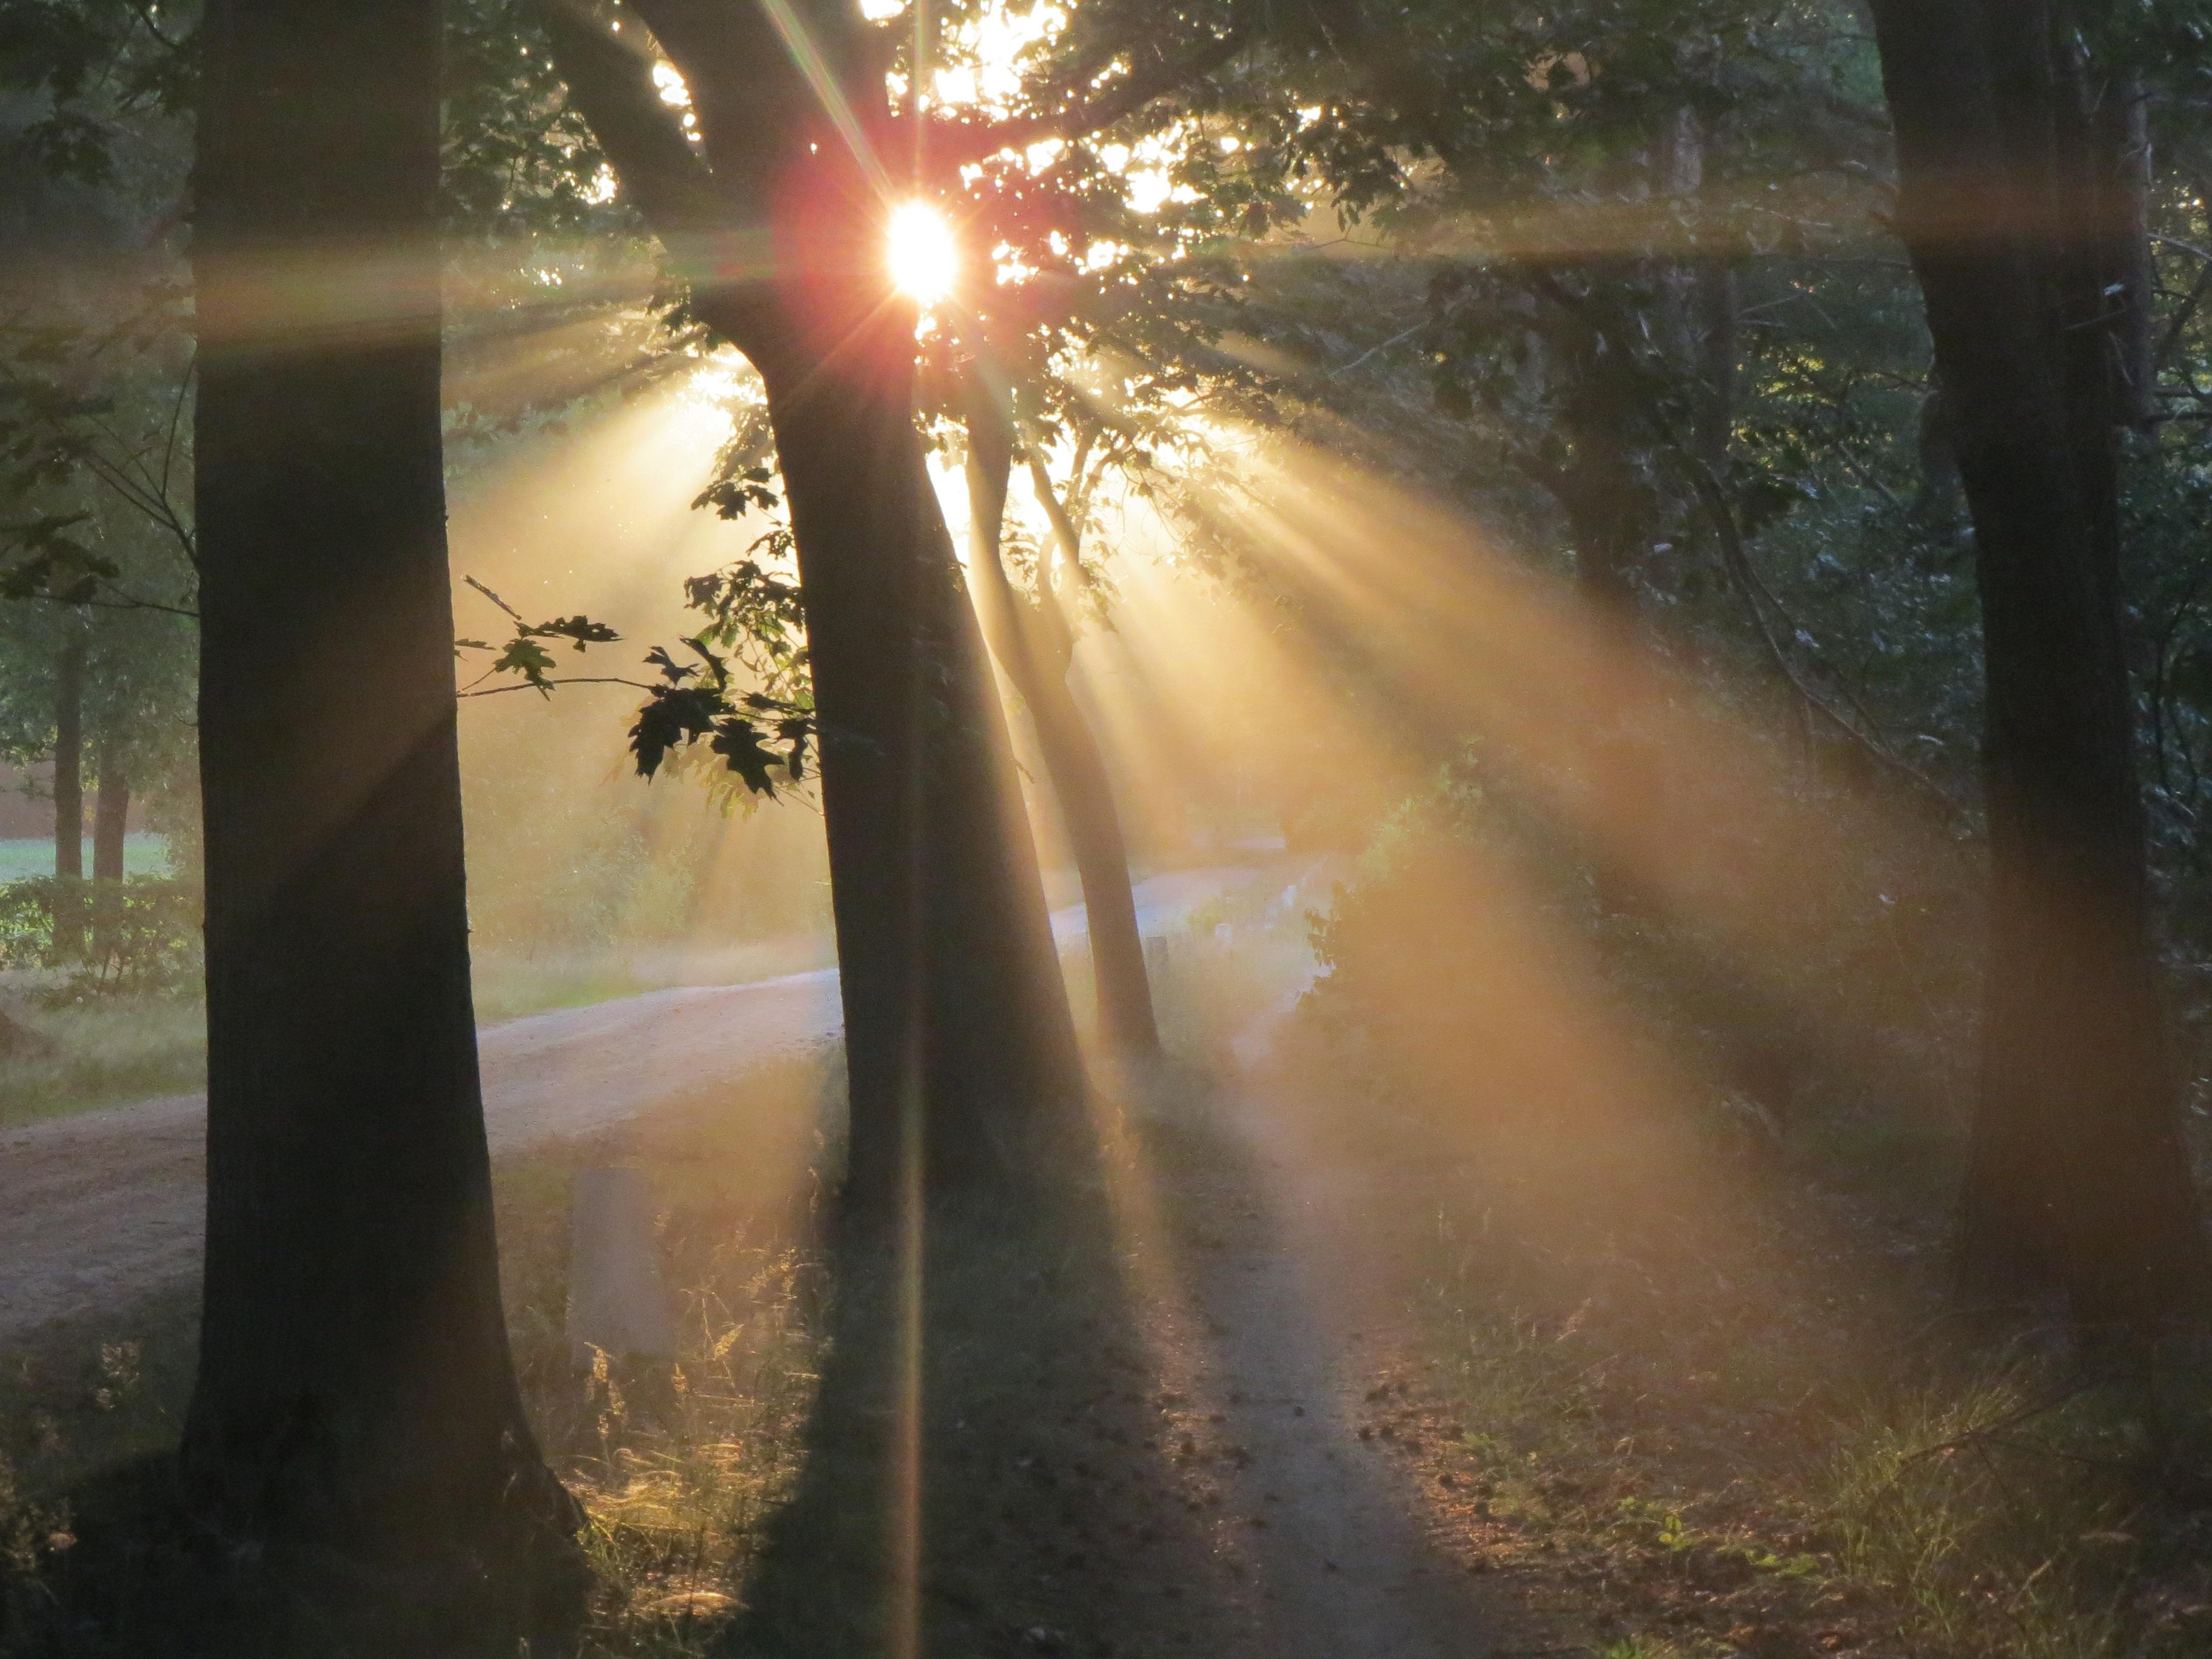 фото на заходящем солнце понять, как пользоваться